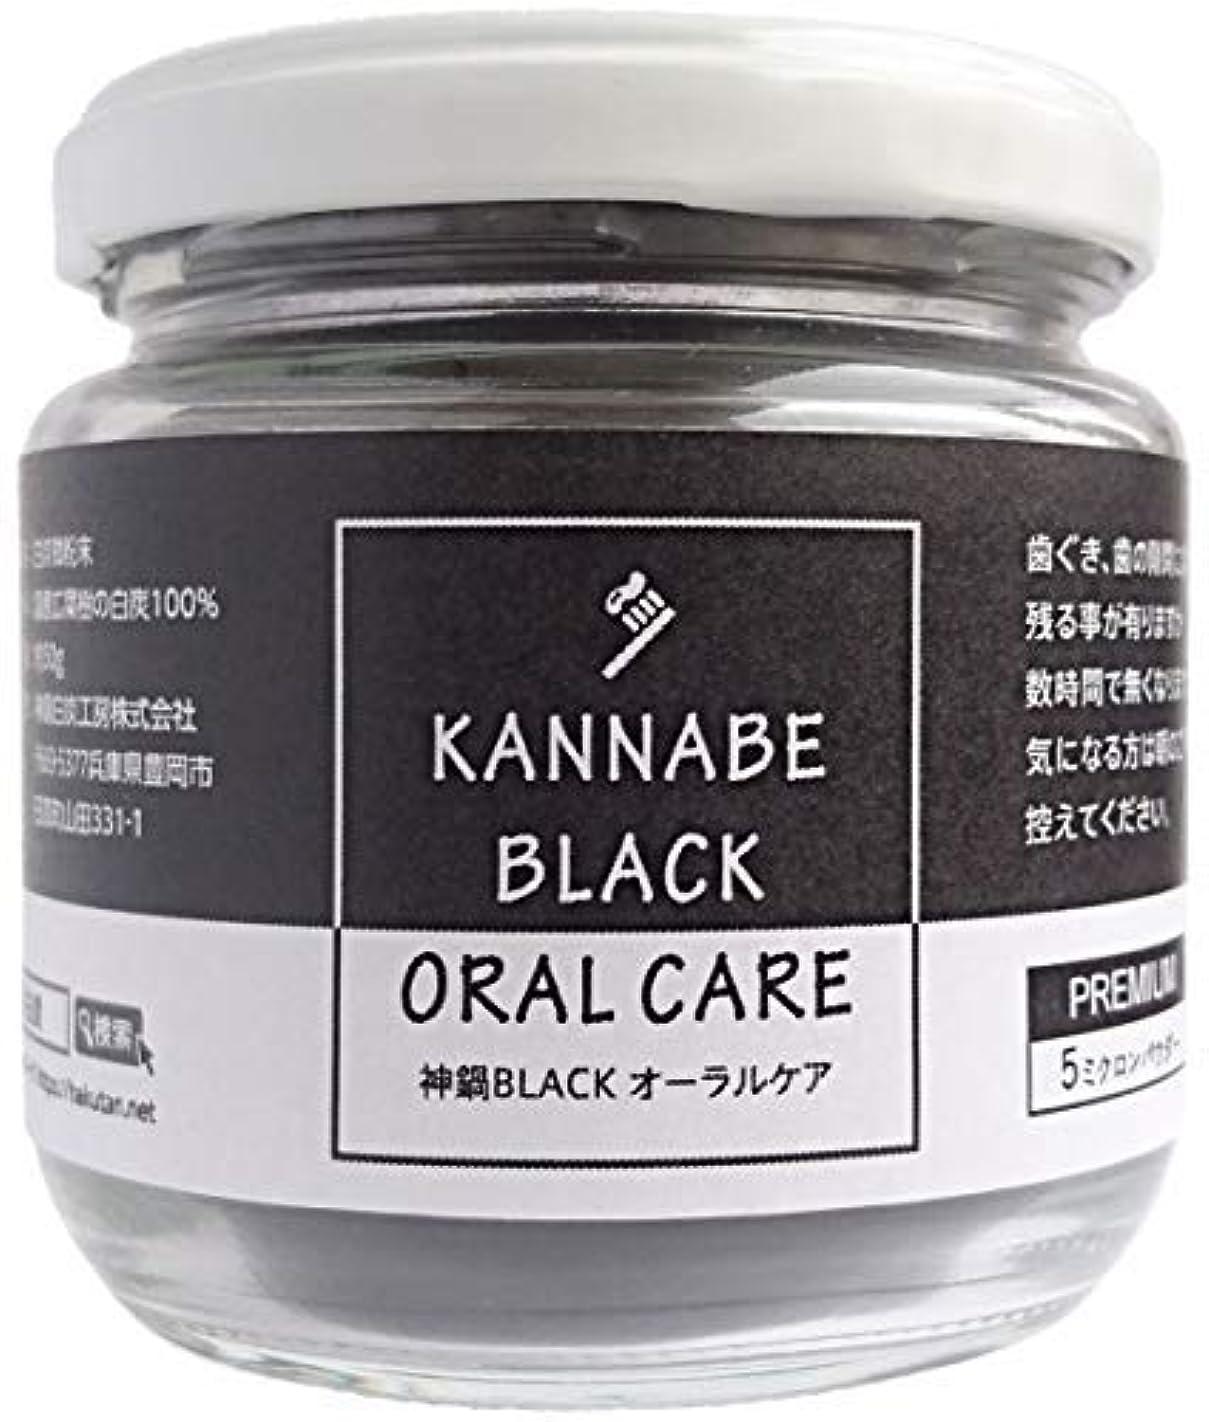 メロドラマティック実験マーキーホワイトニング オーラルケア 歯磨き 口臭 炭パウダー チャコール 5ミクロン 神鍋BLACK 独自白炭製法 50g